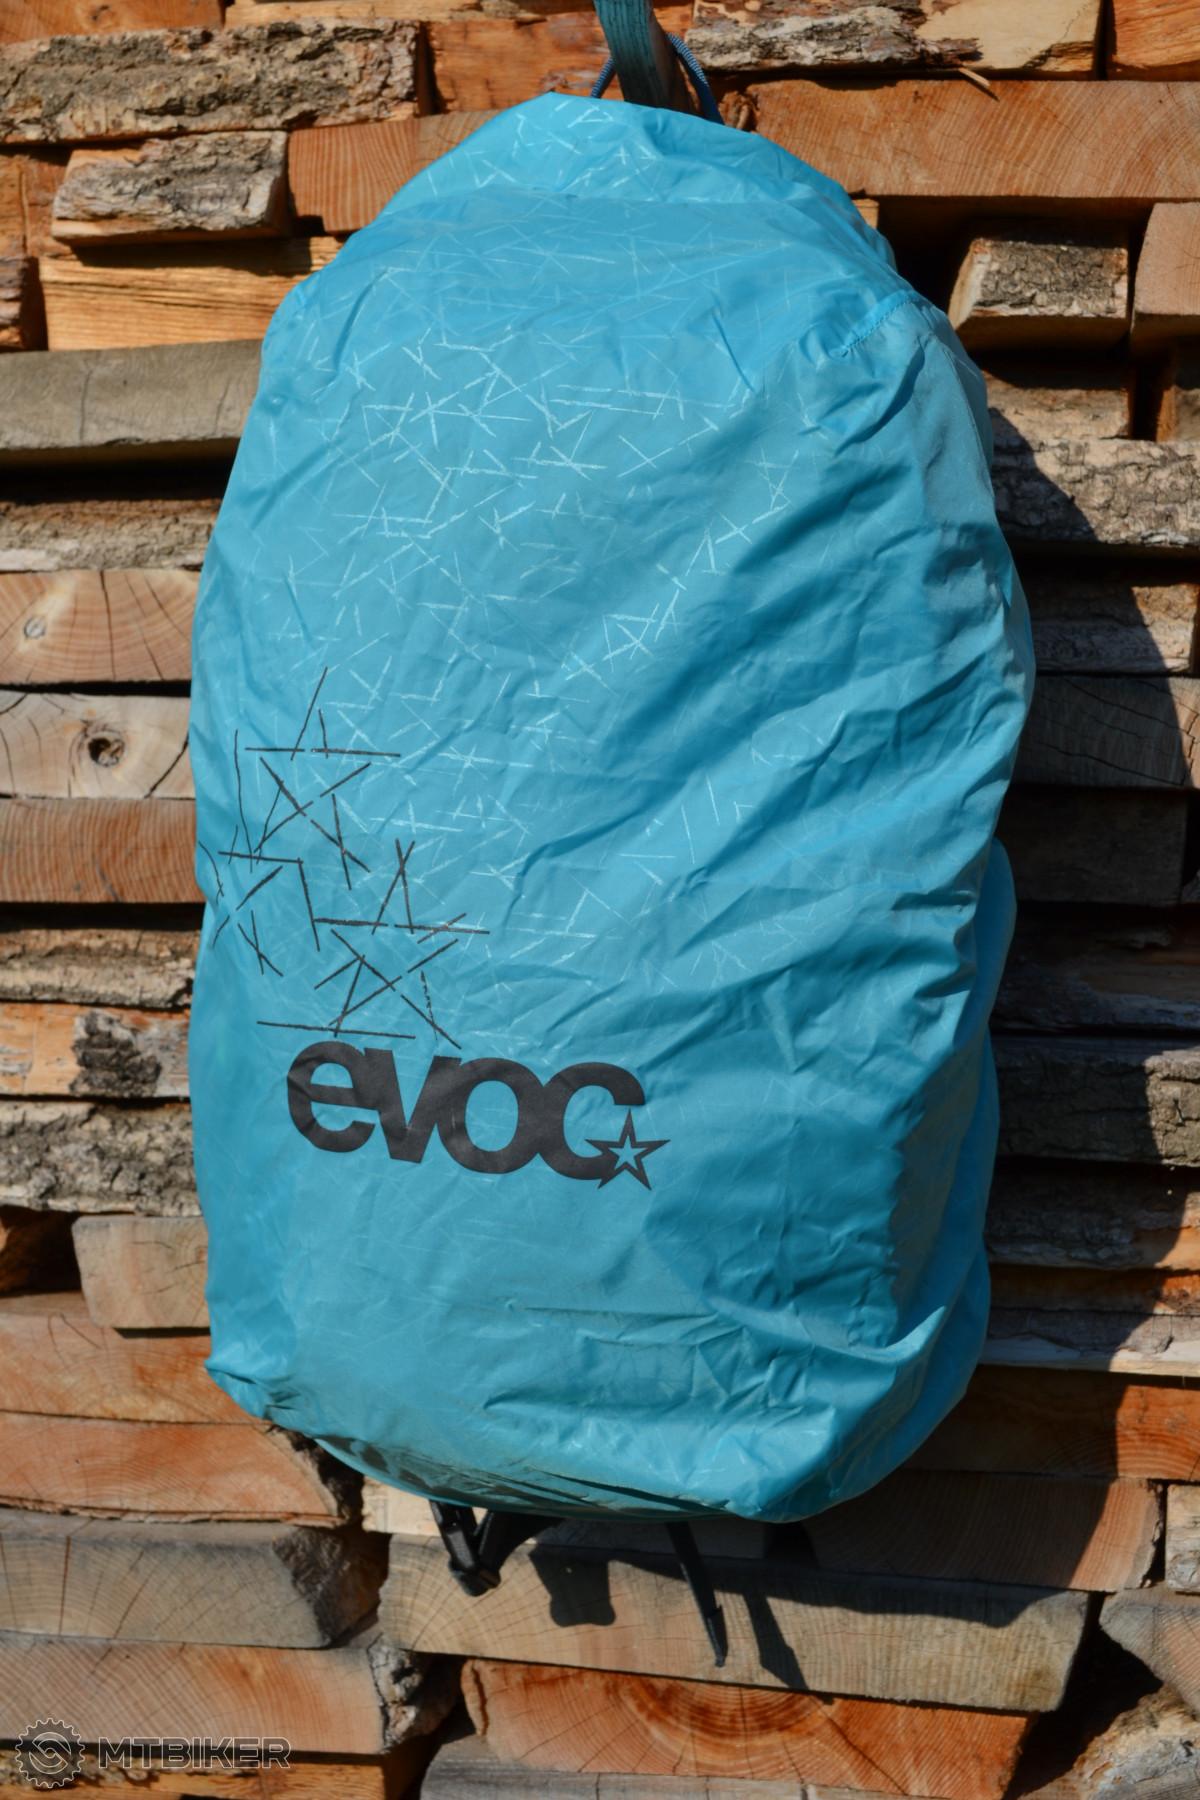 Barva pláštěnky závisí na barvě batohu, potisk je reflexní.